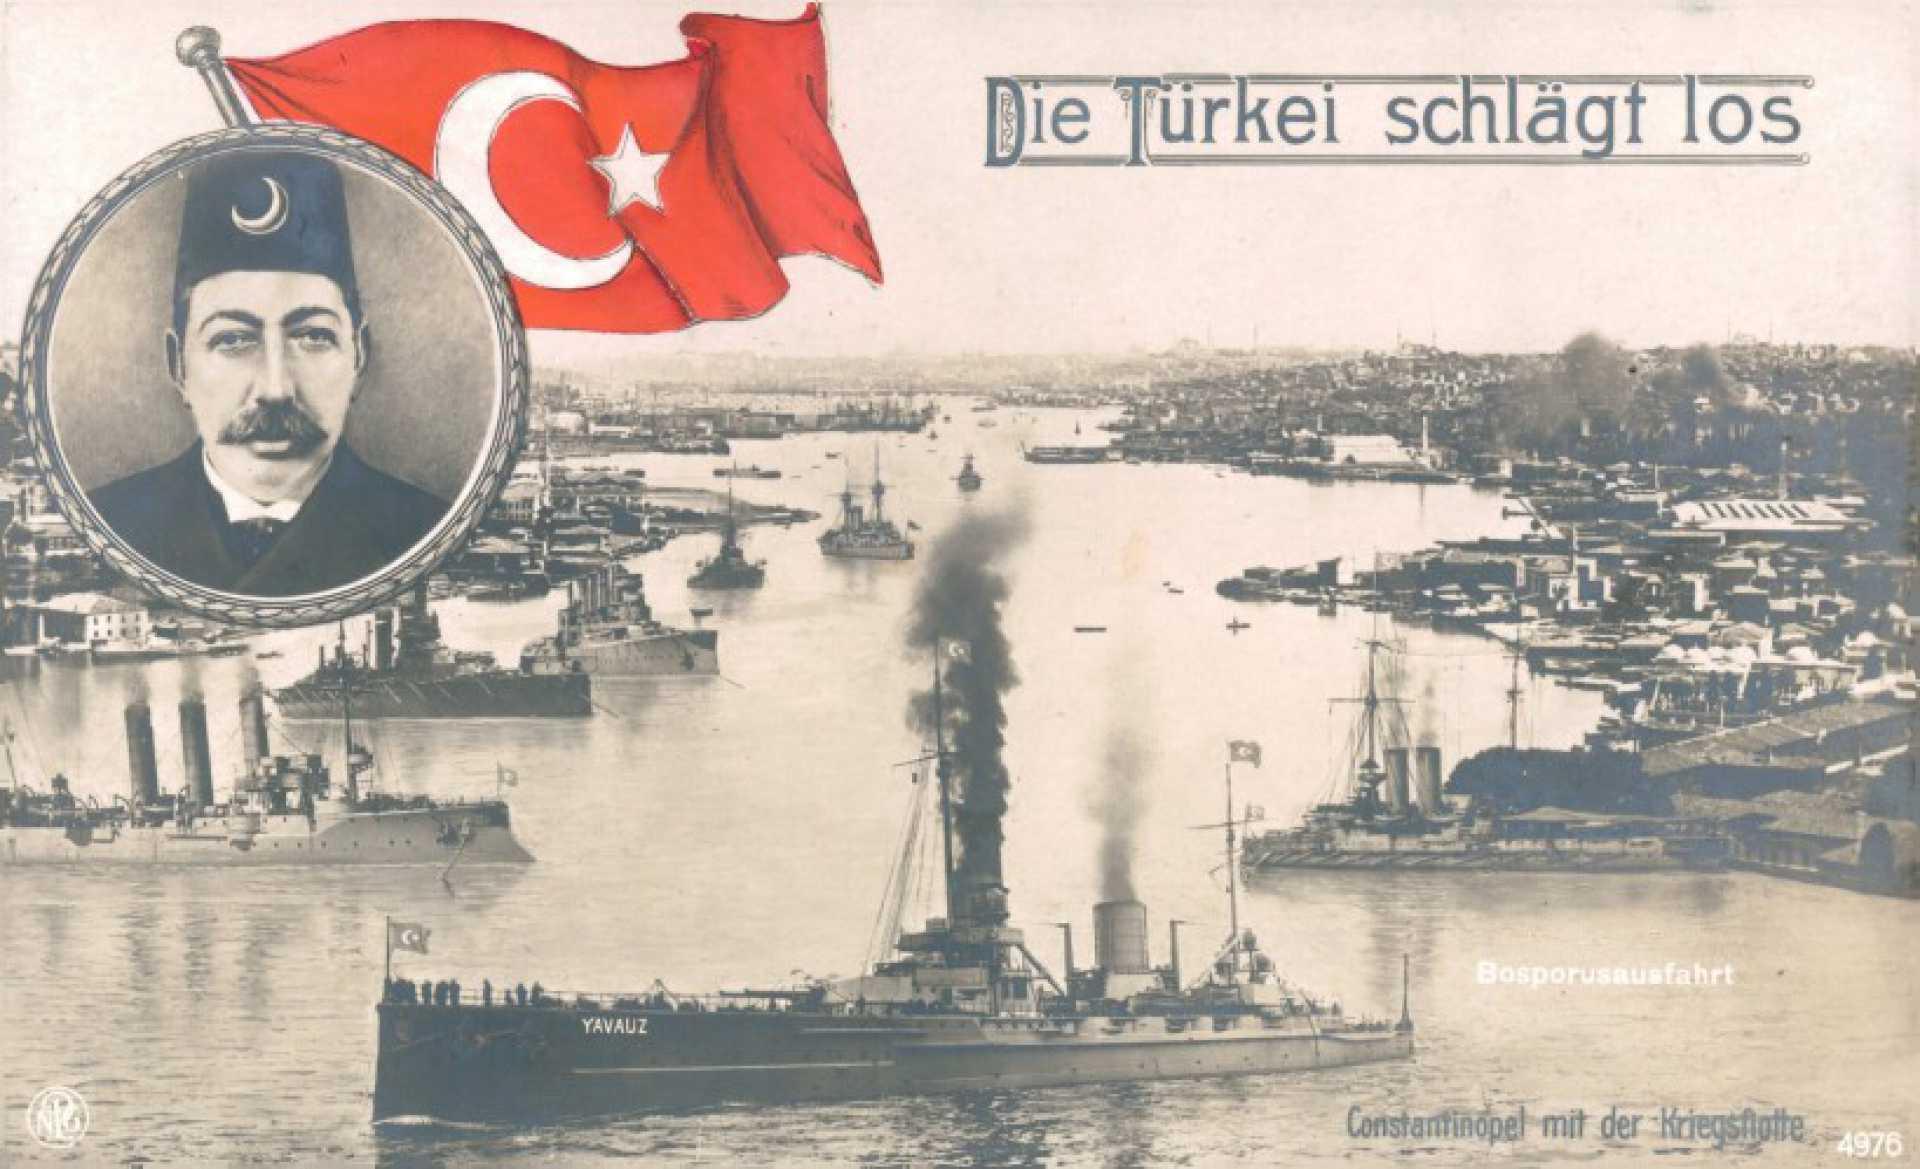 Die Türkie schlagt los